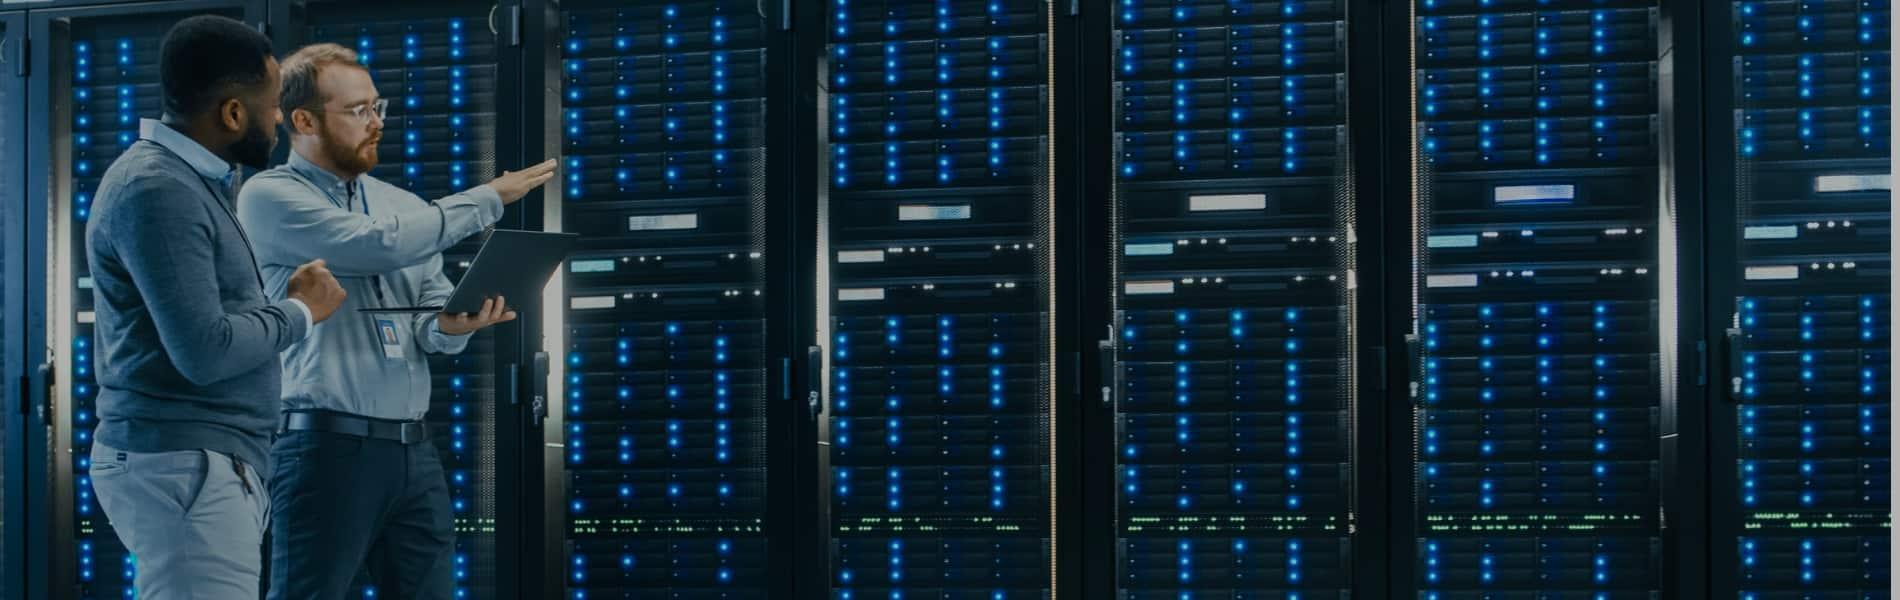 виртуальный выделенный сервер vps что это